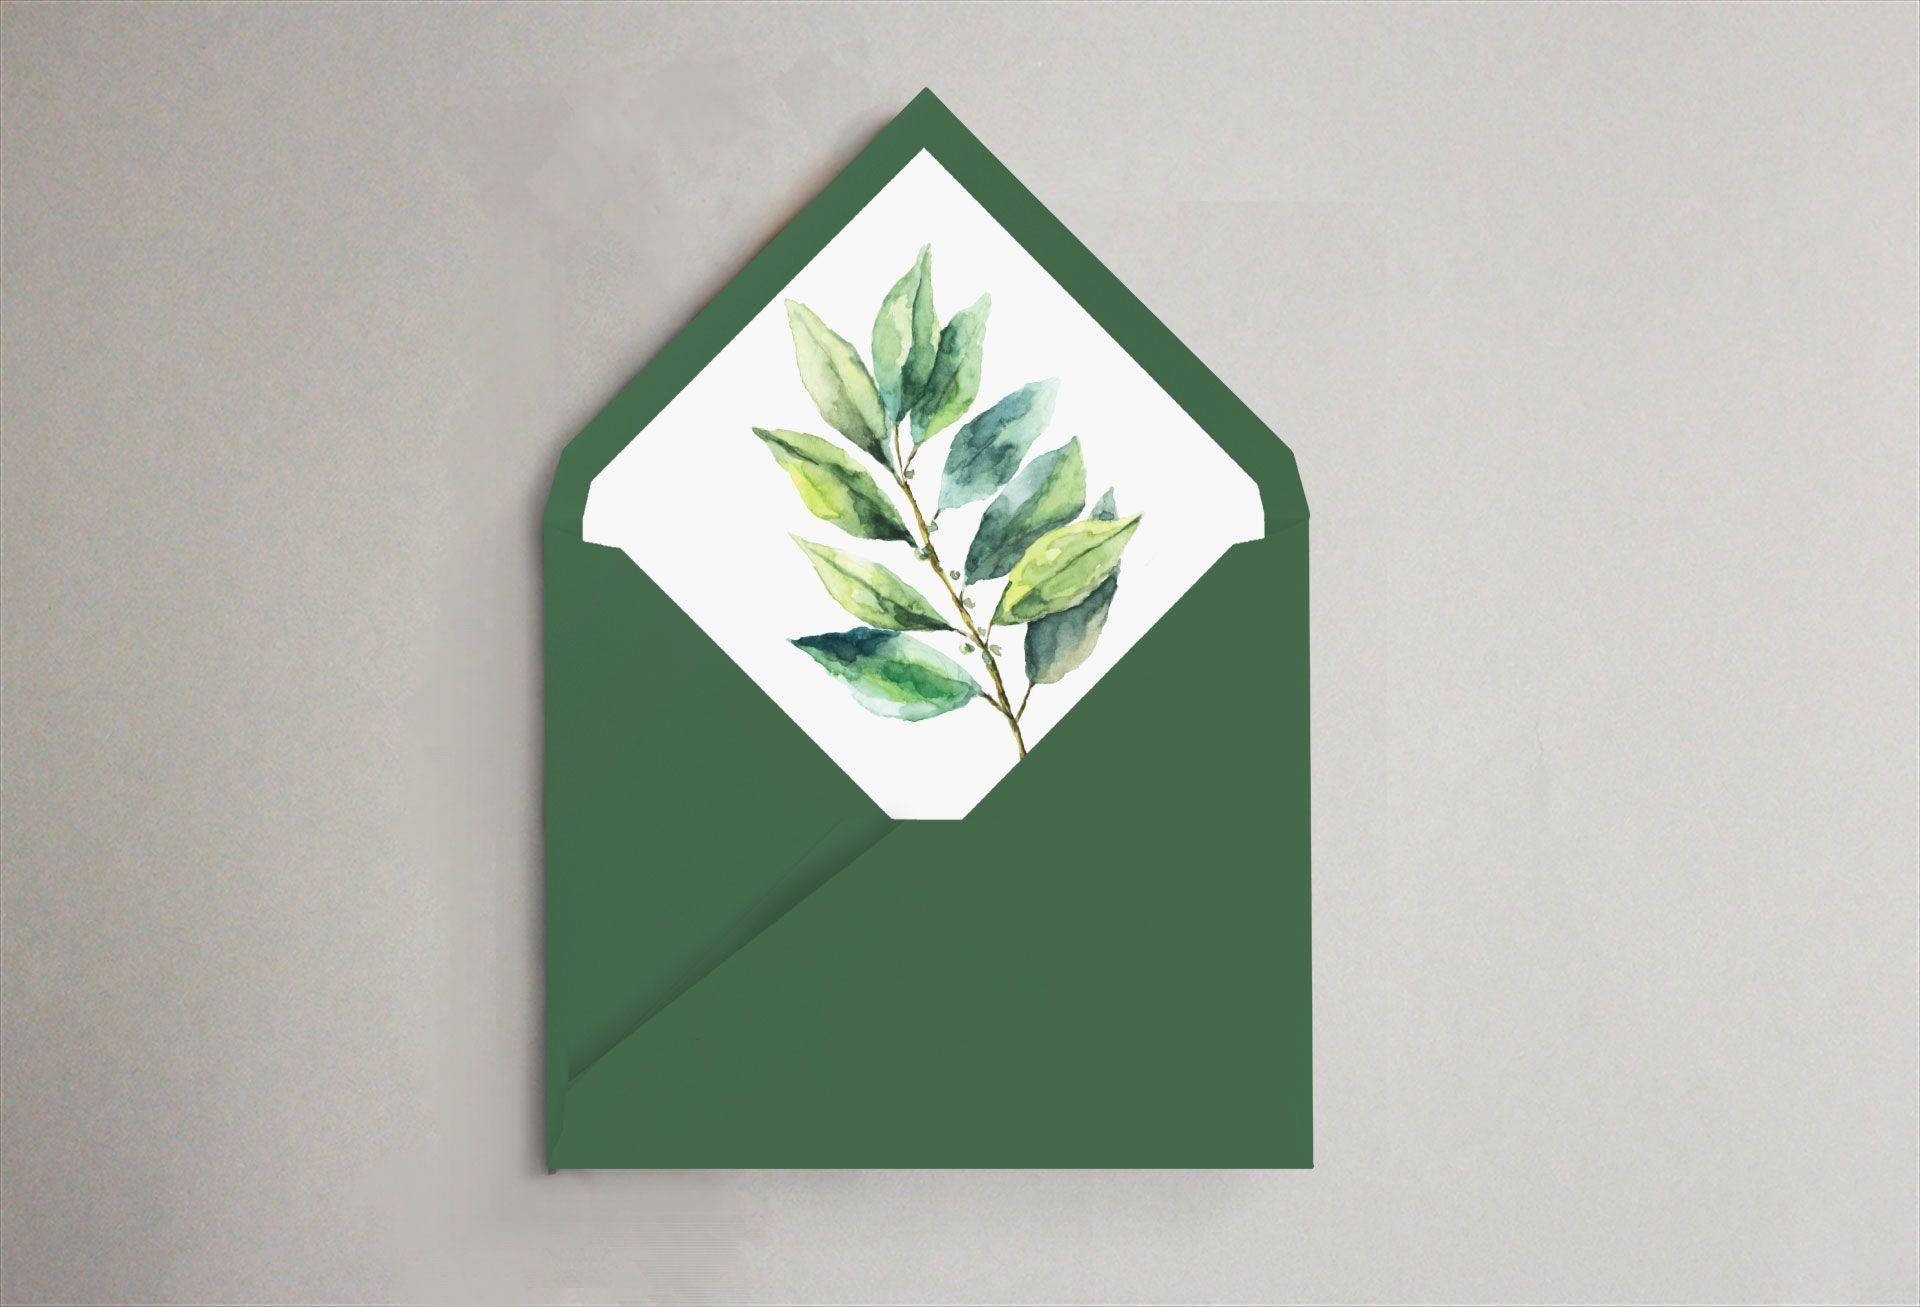 sobre verde hoja invitación boda forrado